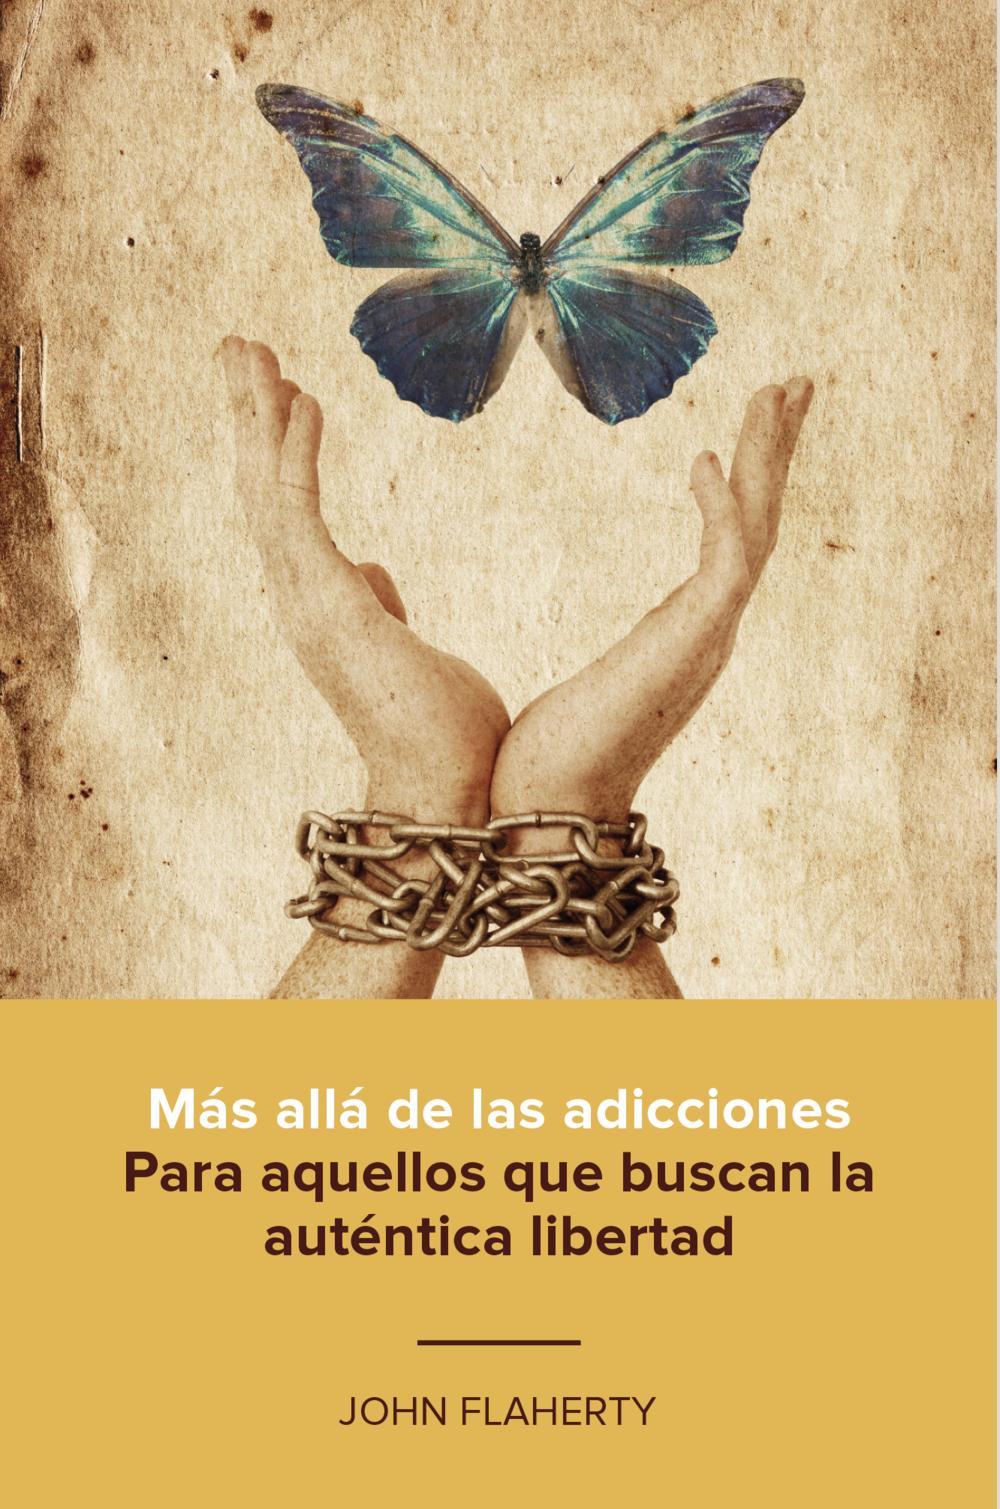 Más allá de las adicciones :  Para aquellos que buscan la auténtica libertad, Spanish, 2016